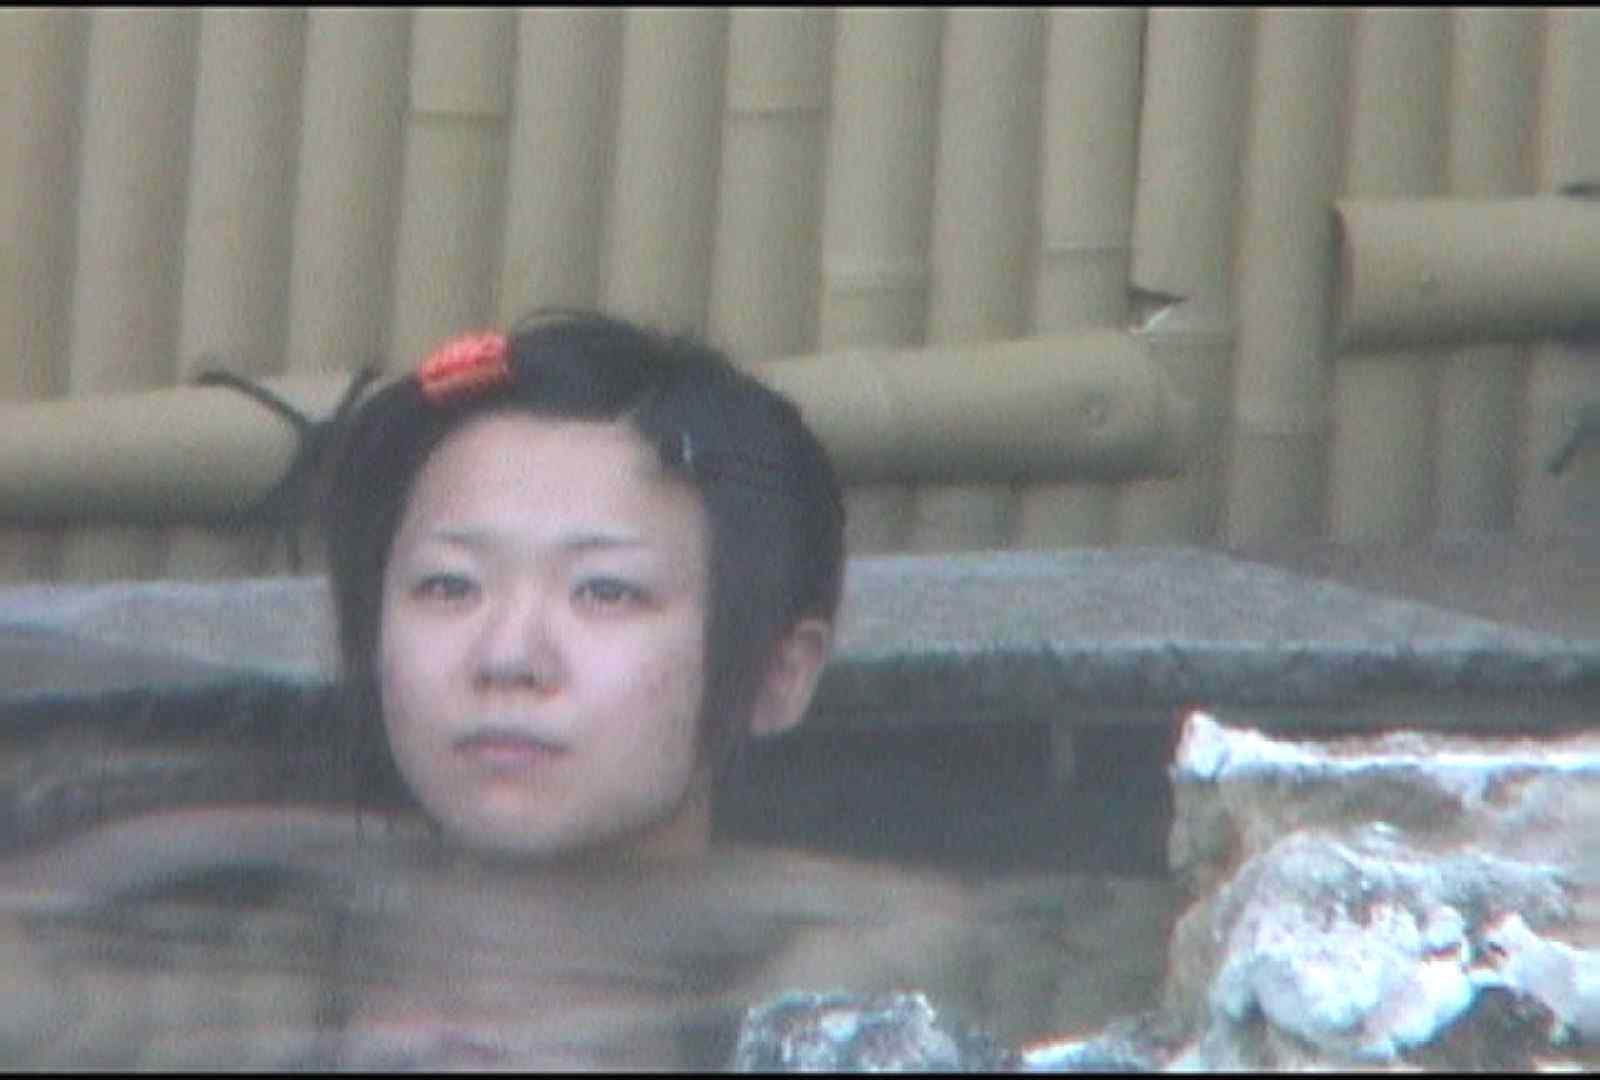 Aquaな露天風呂Vol.175 OLセックス 盗み撮りAV無料動画キャプチャ 77画像 38